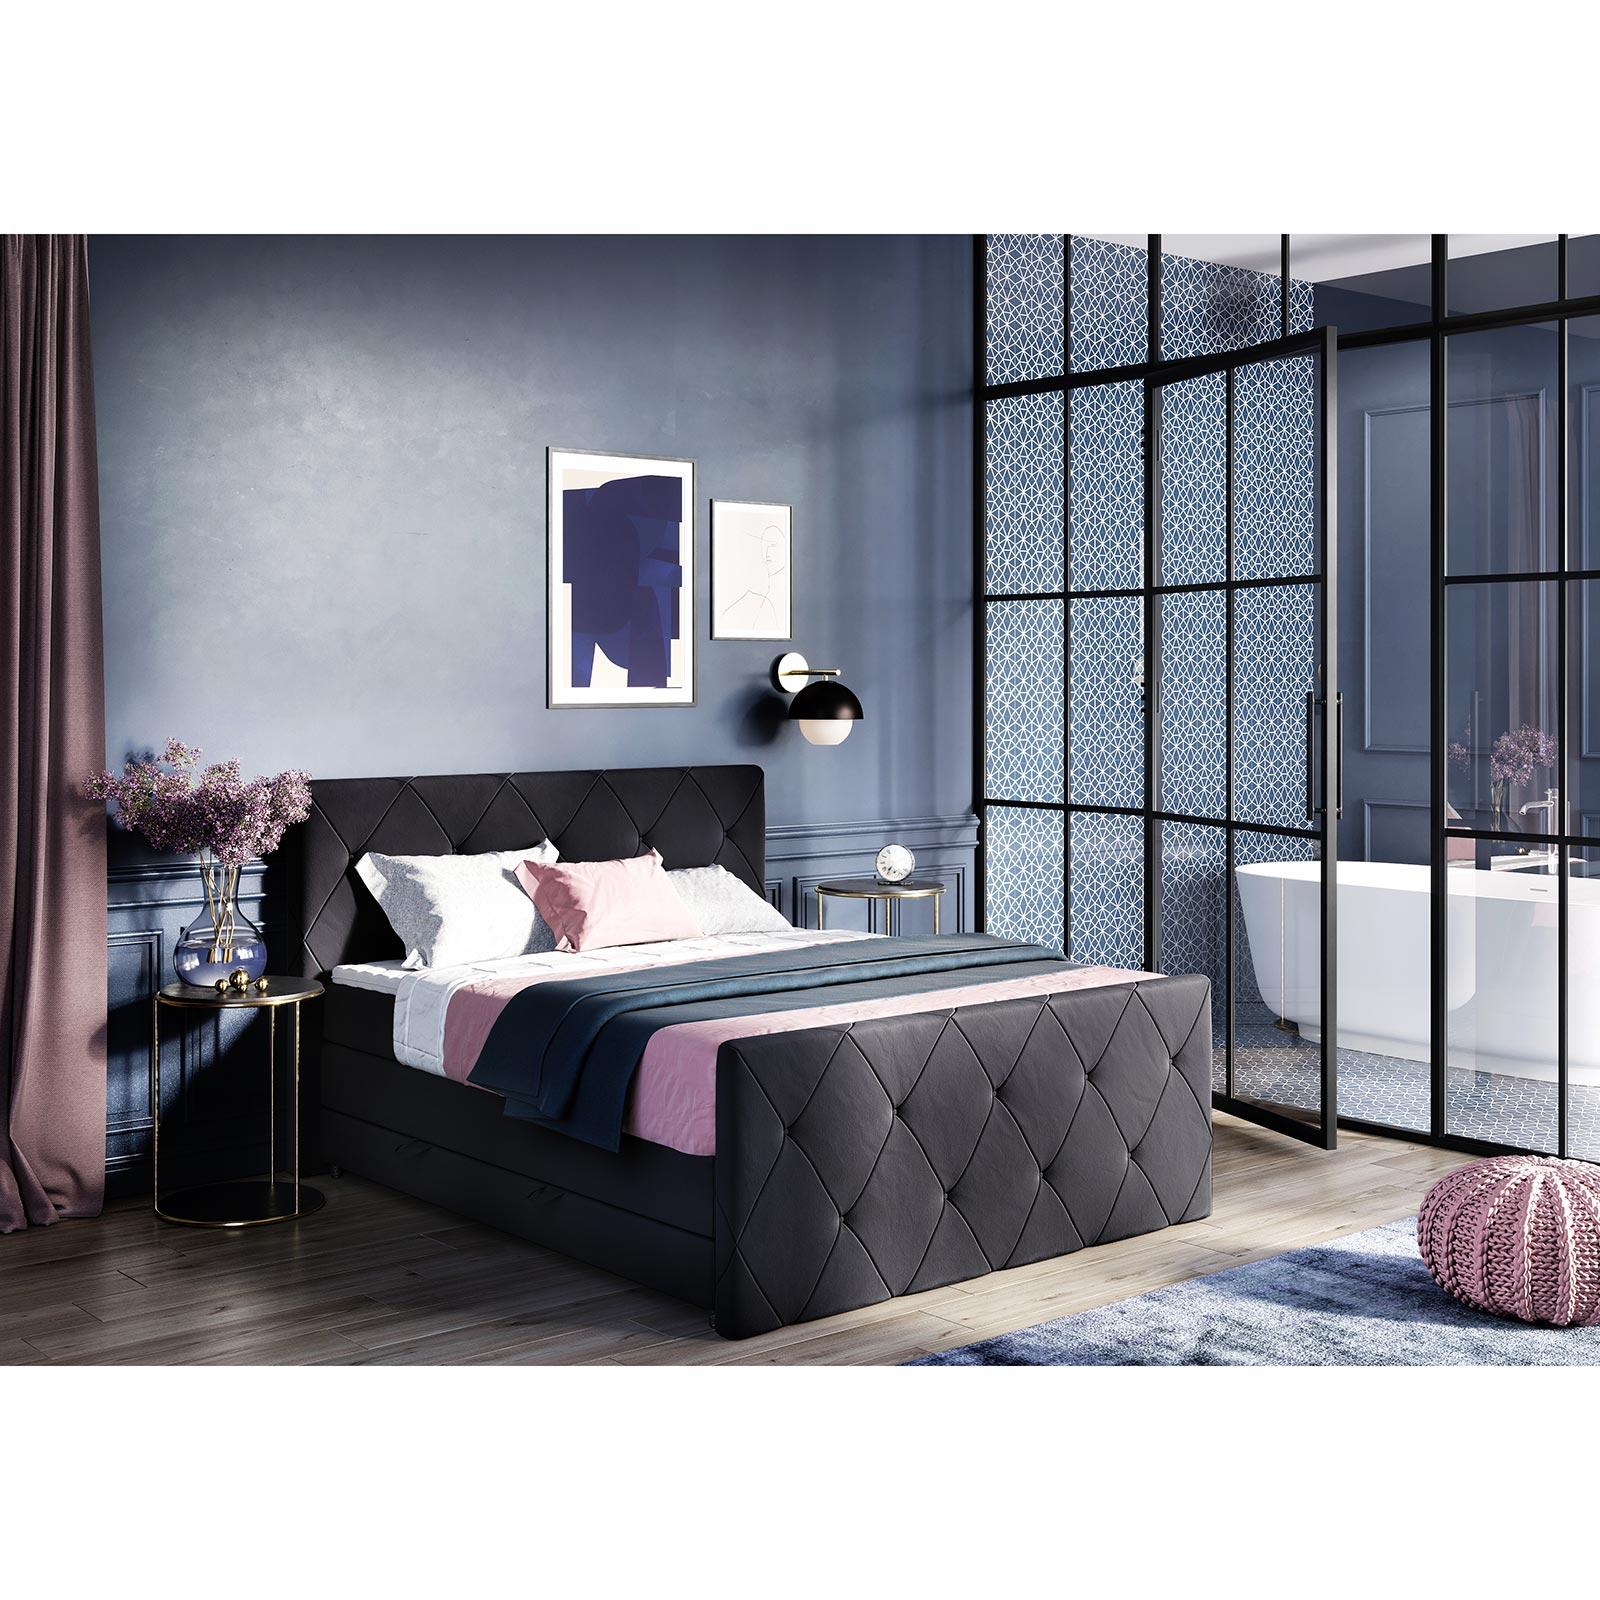 Erschwinglich Betten Bei Roller Bild Von Wohndesign Dekorativ